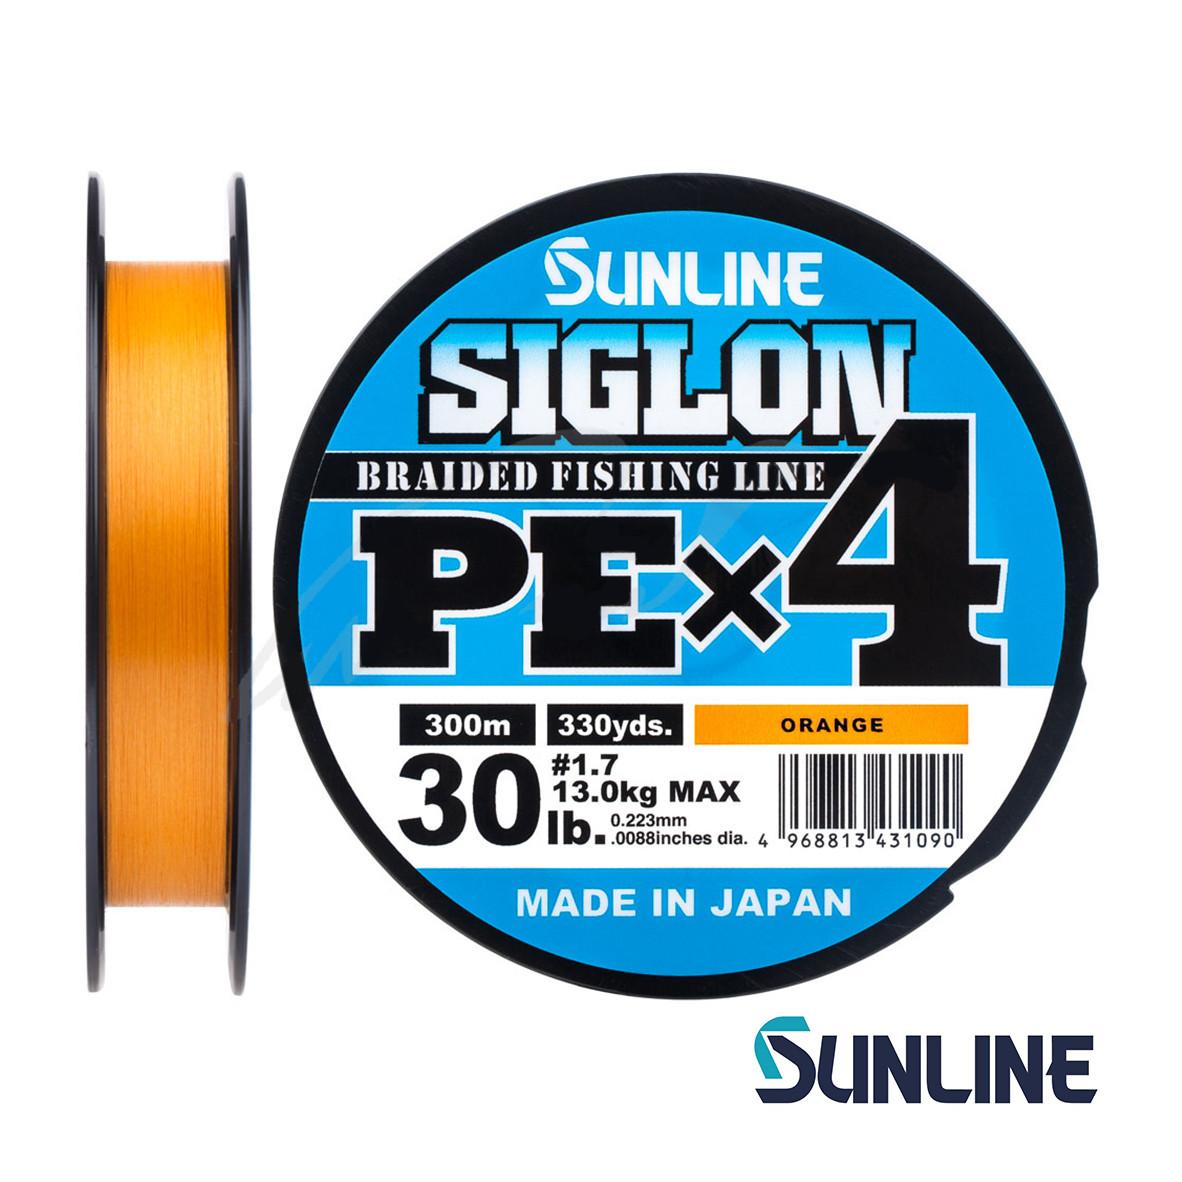 Шнур Sunline Siglon PE х4 150m (оранж.) #2.0/0.242mm 35lb/15.5kg